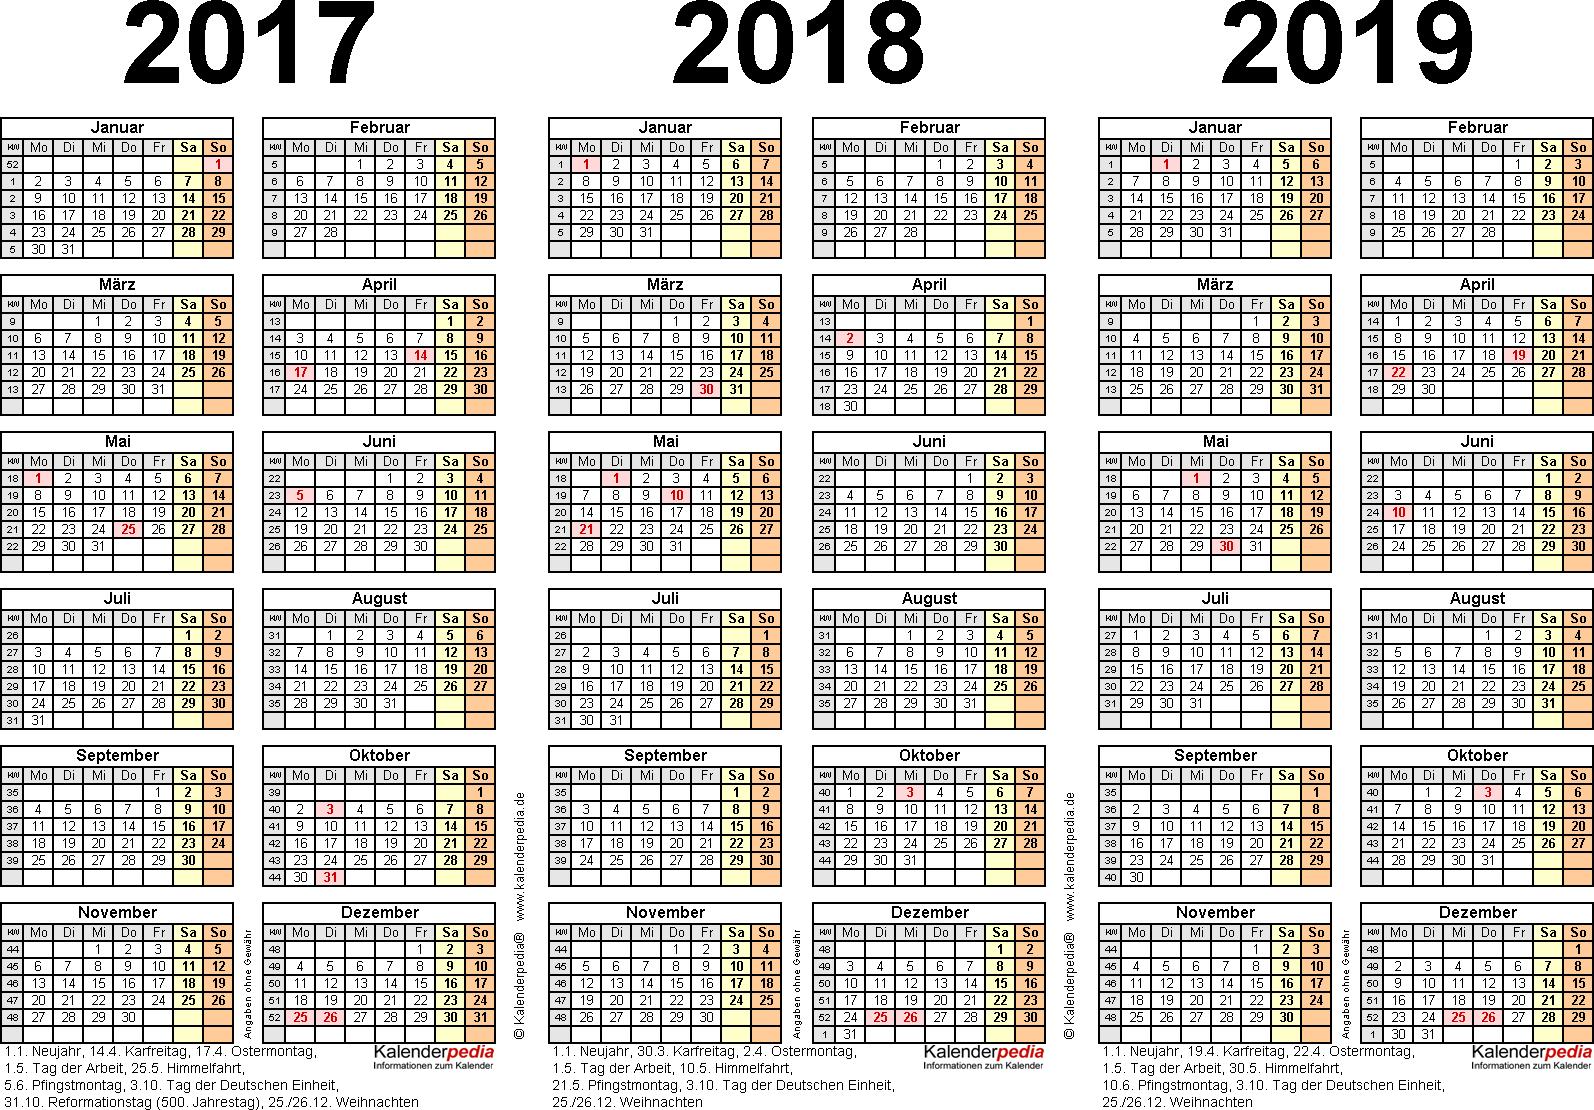 Word-Vorlage für Dreijahreskalender 2017-2019 (Querformat, 1 Seite)